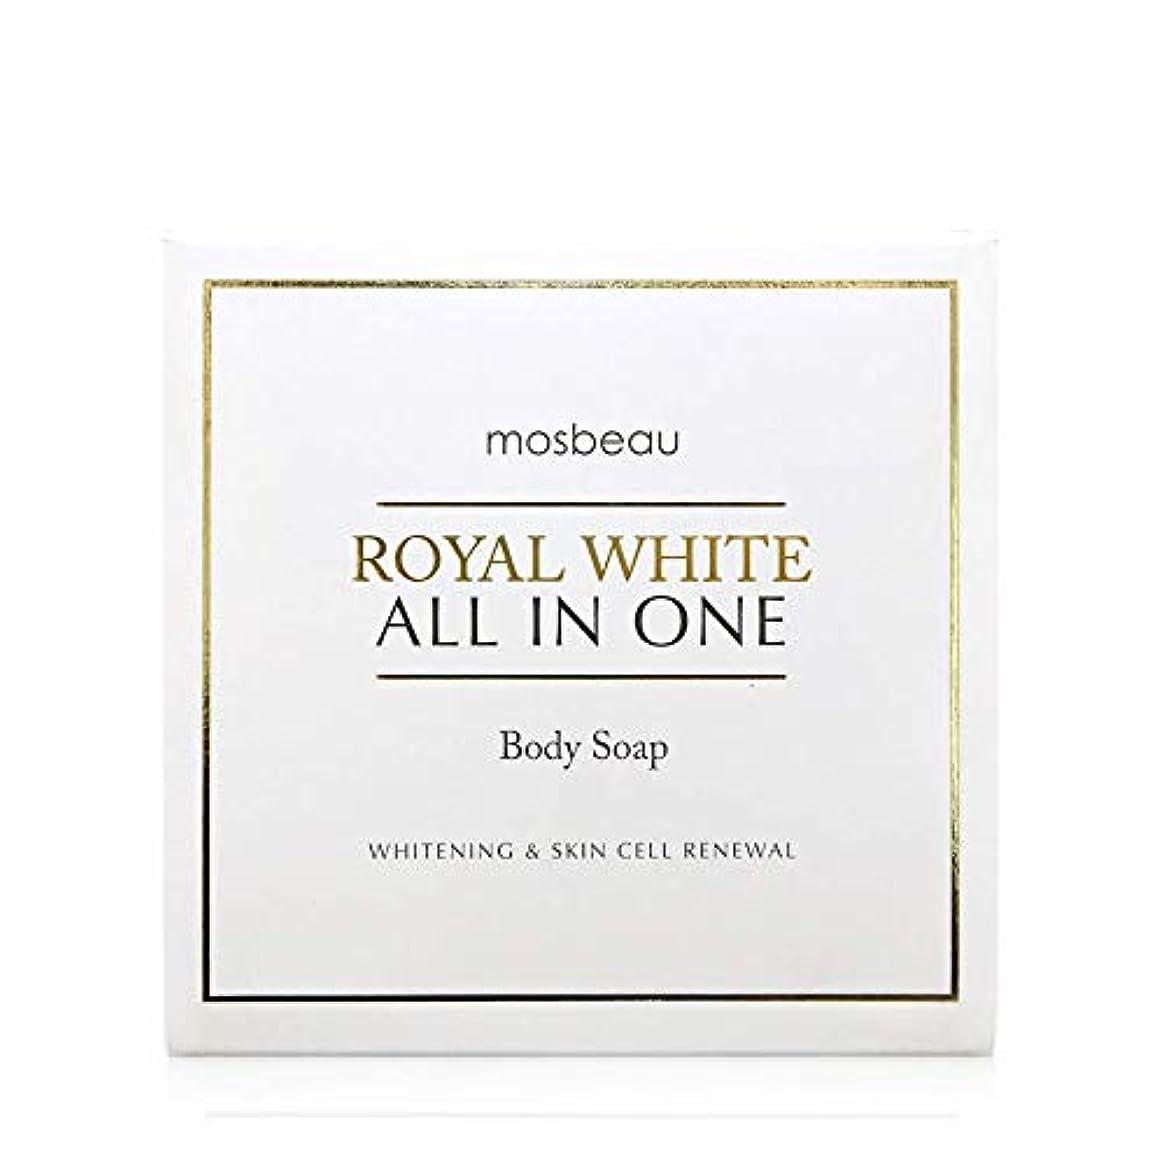 吹きさらし満たす不正mosbeau ROYAL WHITE ALL-IN-ONE BODY SOAP 100g ロィヤルホワイトオールインワンボディーソープ